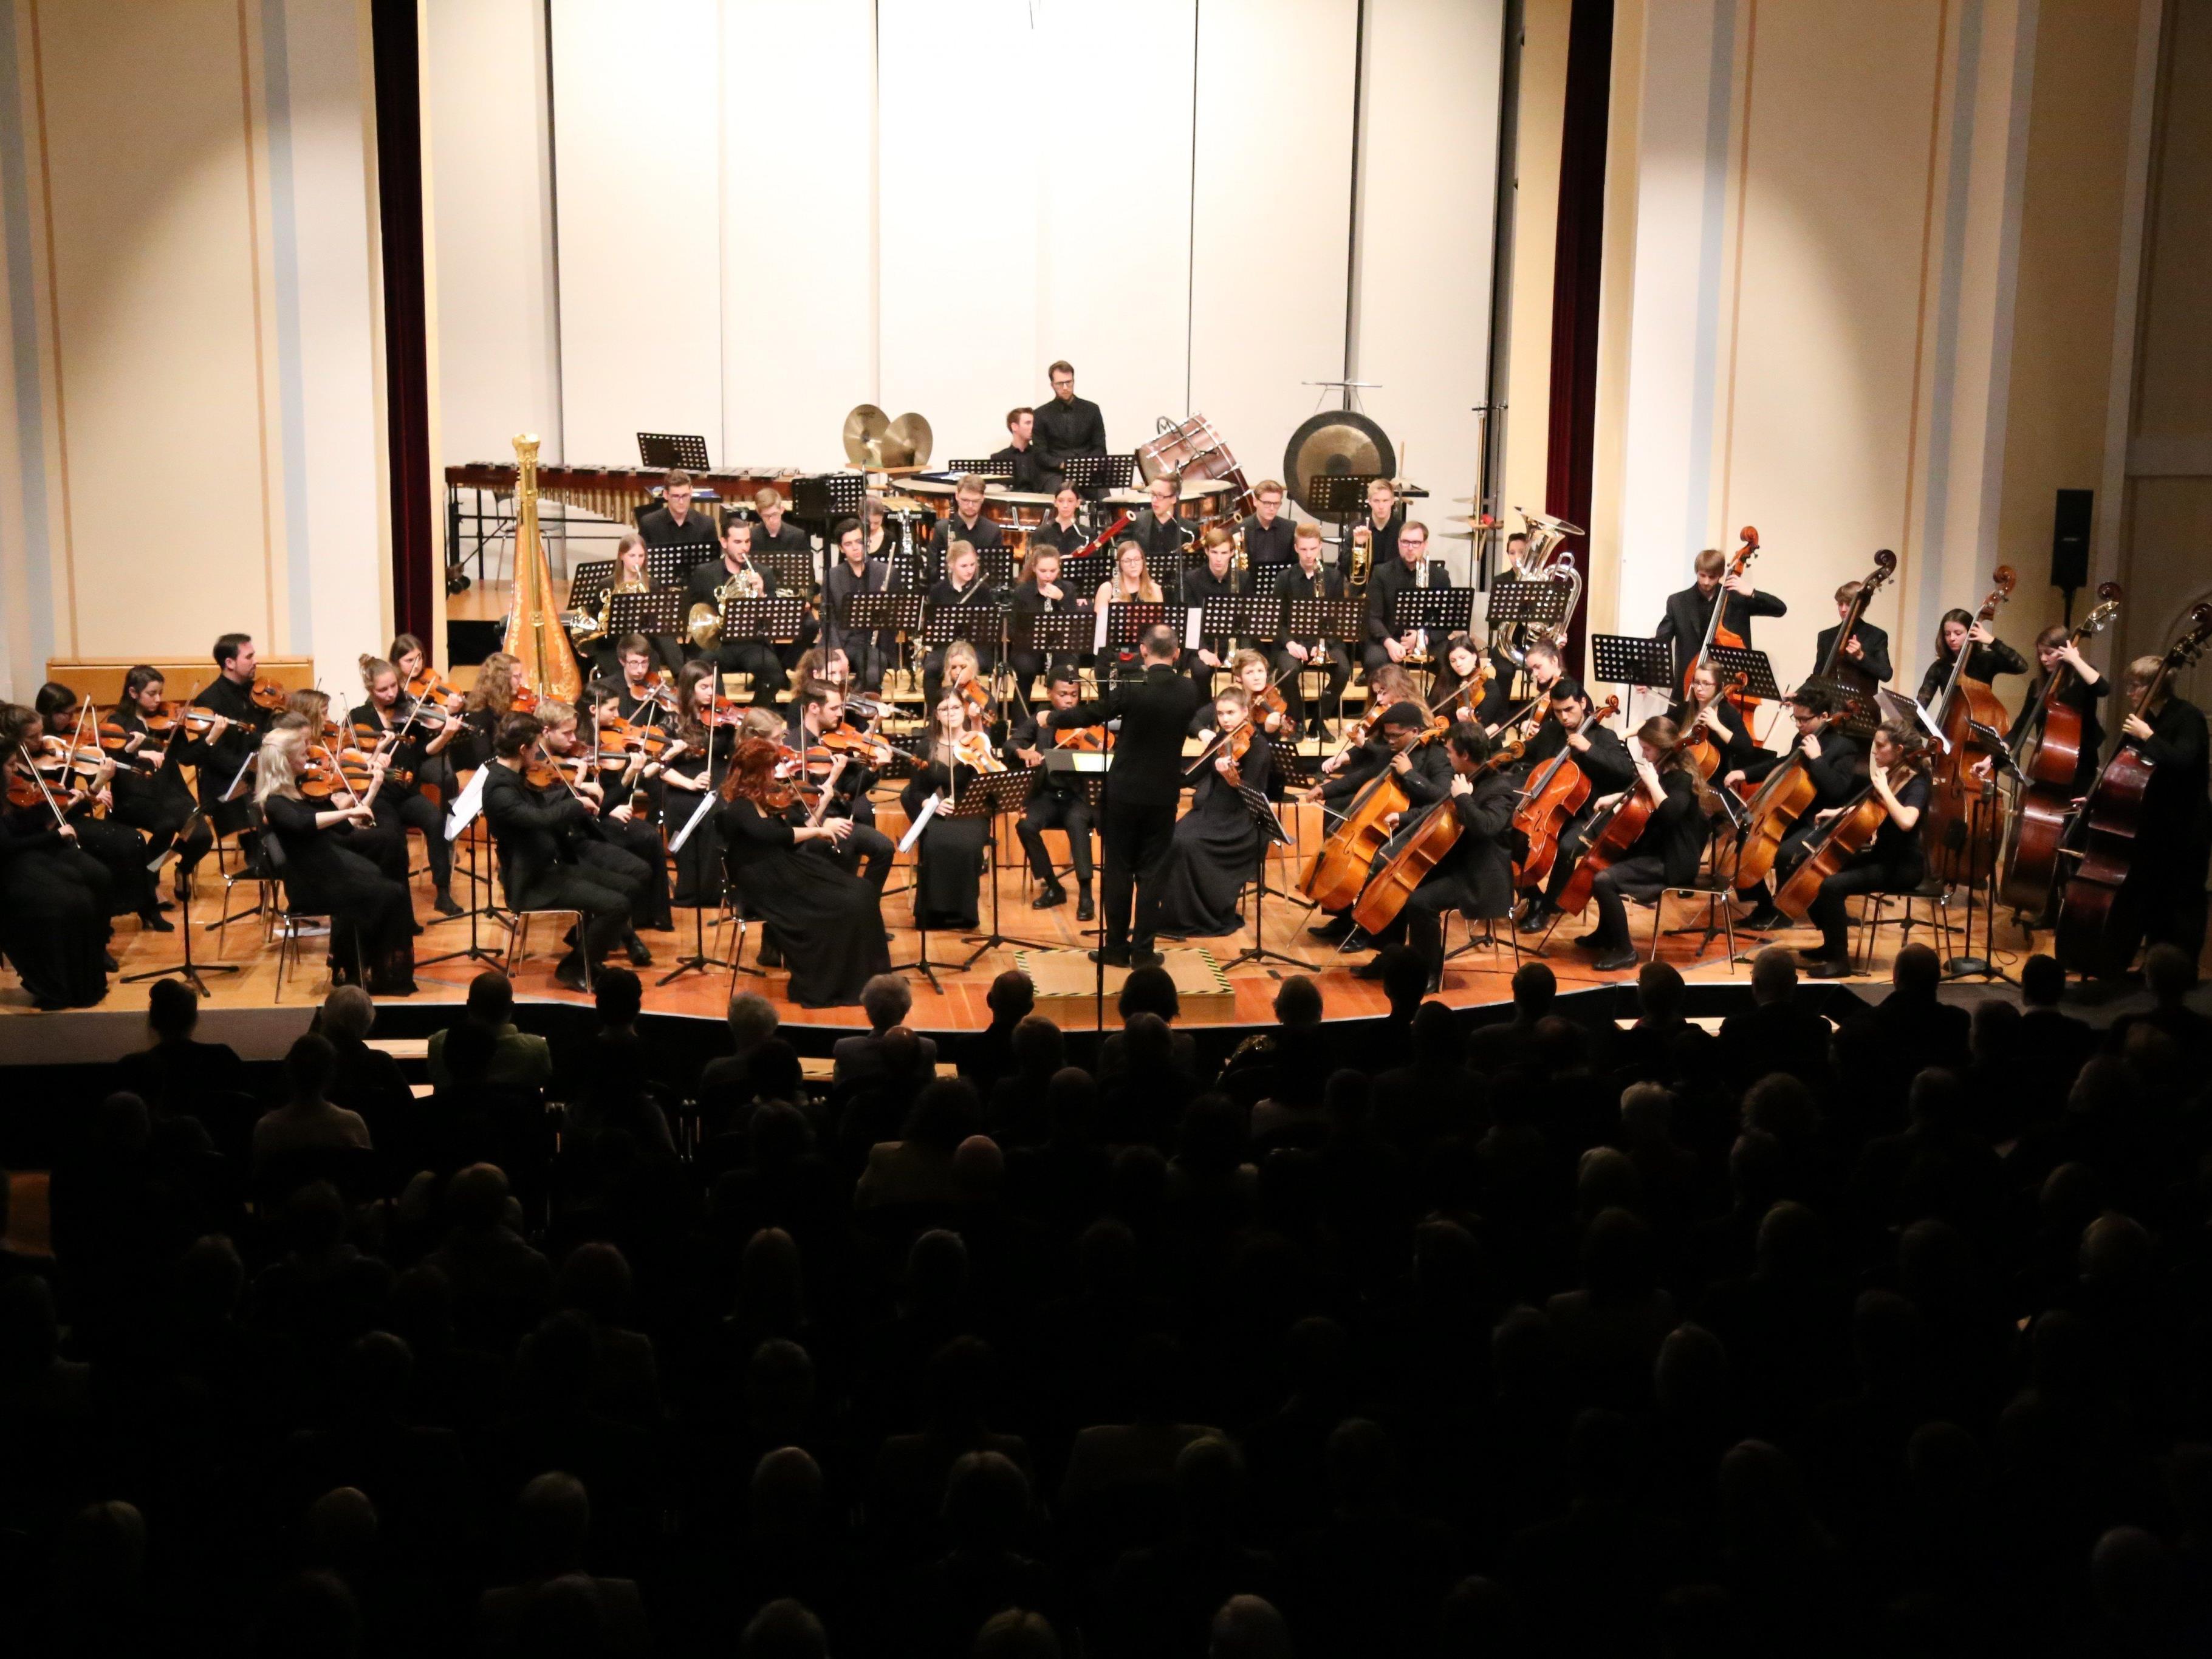 Weihnachtsmatinee mit dem Sinfonieorchester des Vorarlberger Landeskonservatoriums unter der Leitung von Benjamin Lack.